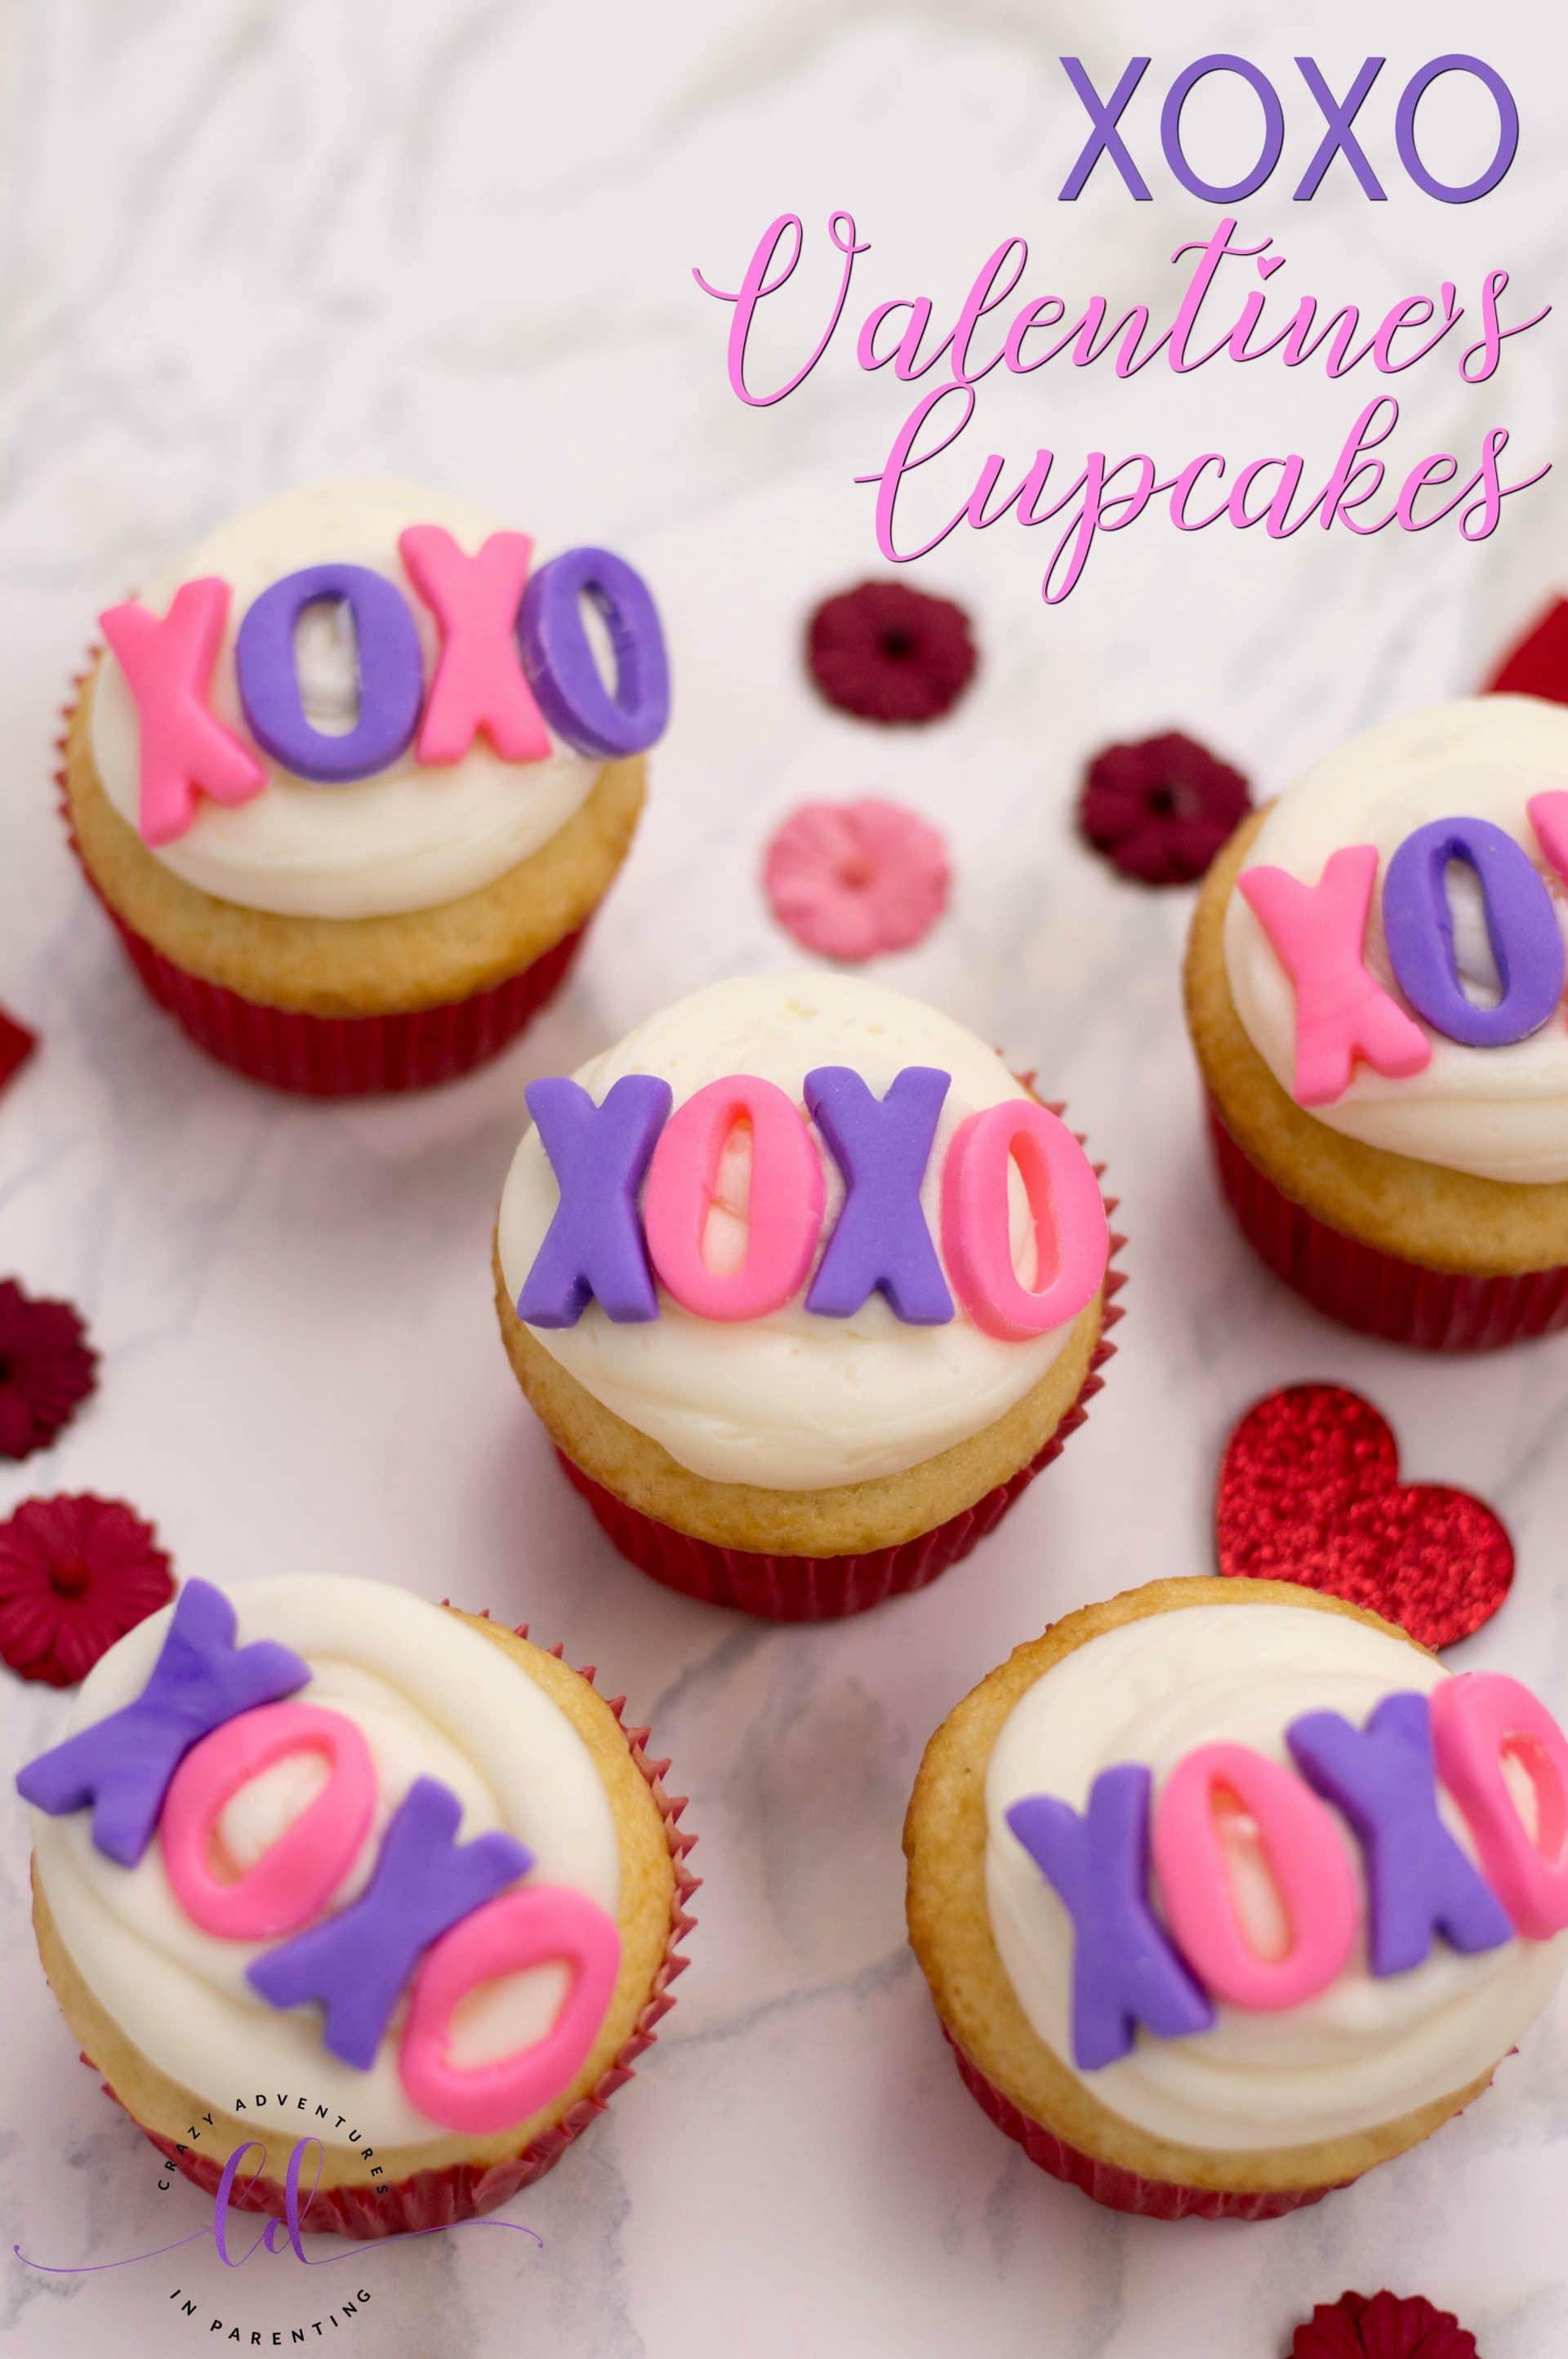 XOXO Valentine's Cupcakes